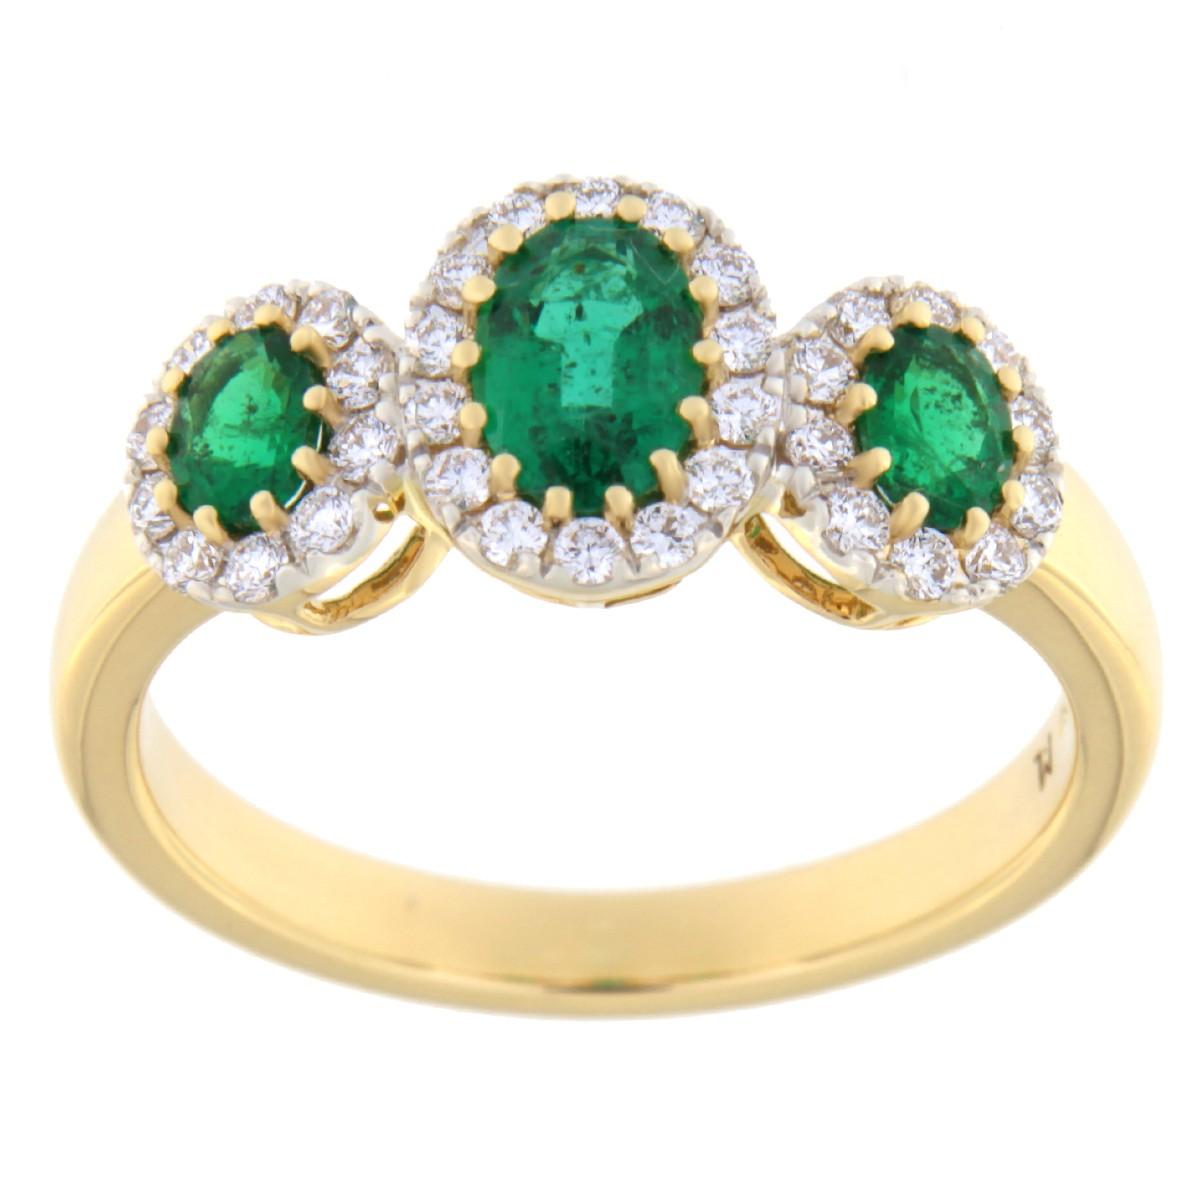 Kullast sõrmus teemantide ja smaragdidega Kood: 18m